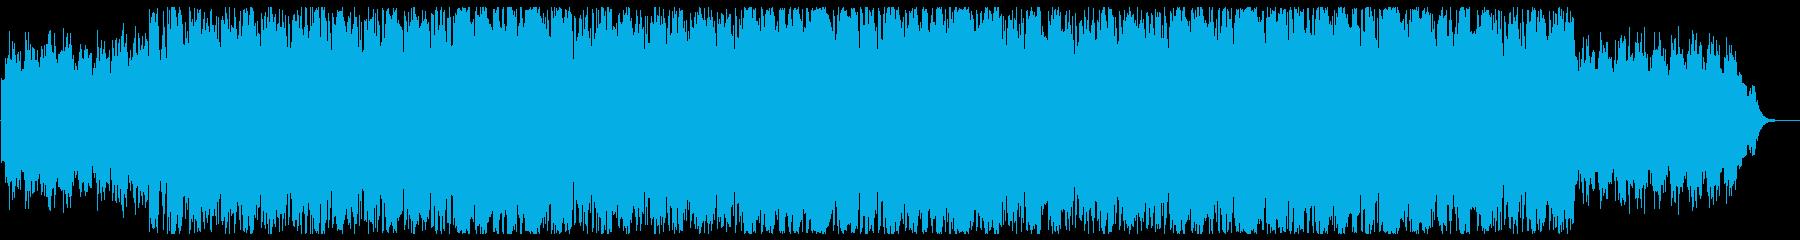 幻想的で和風メローな三味線サウンドの再生済みの波形